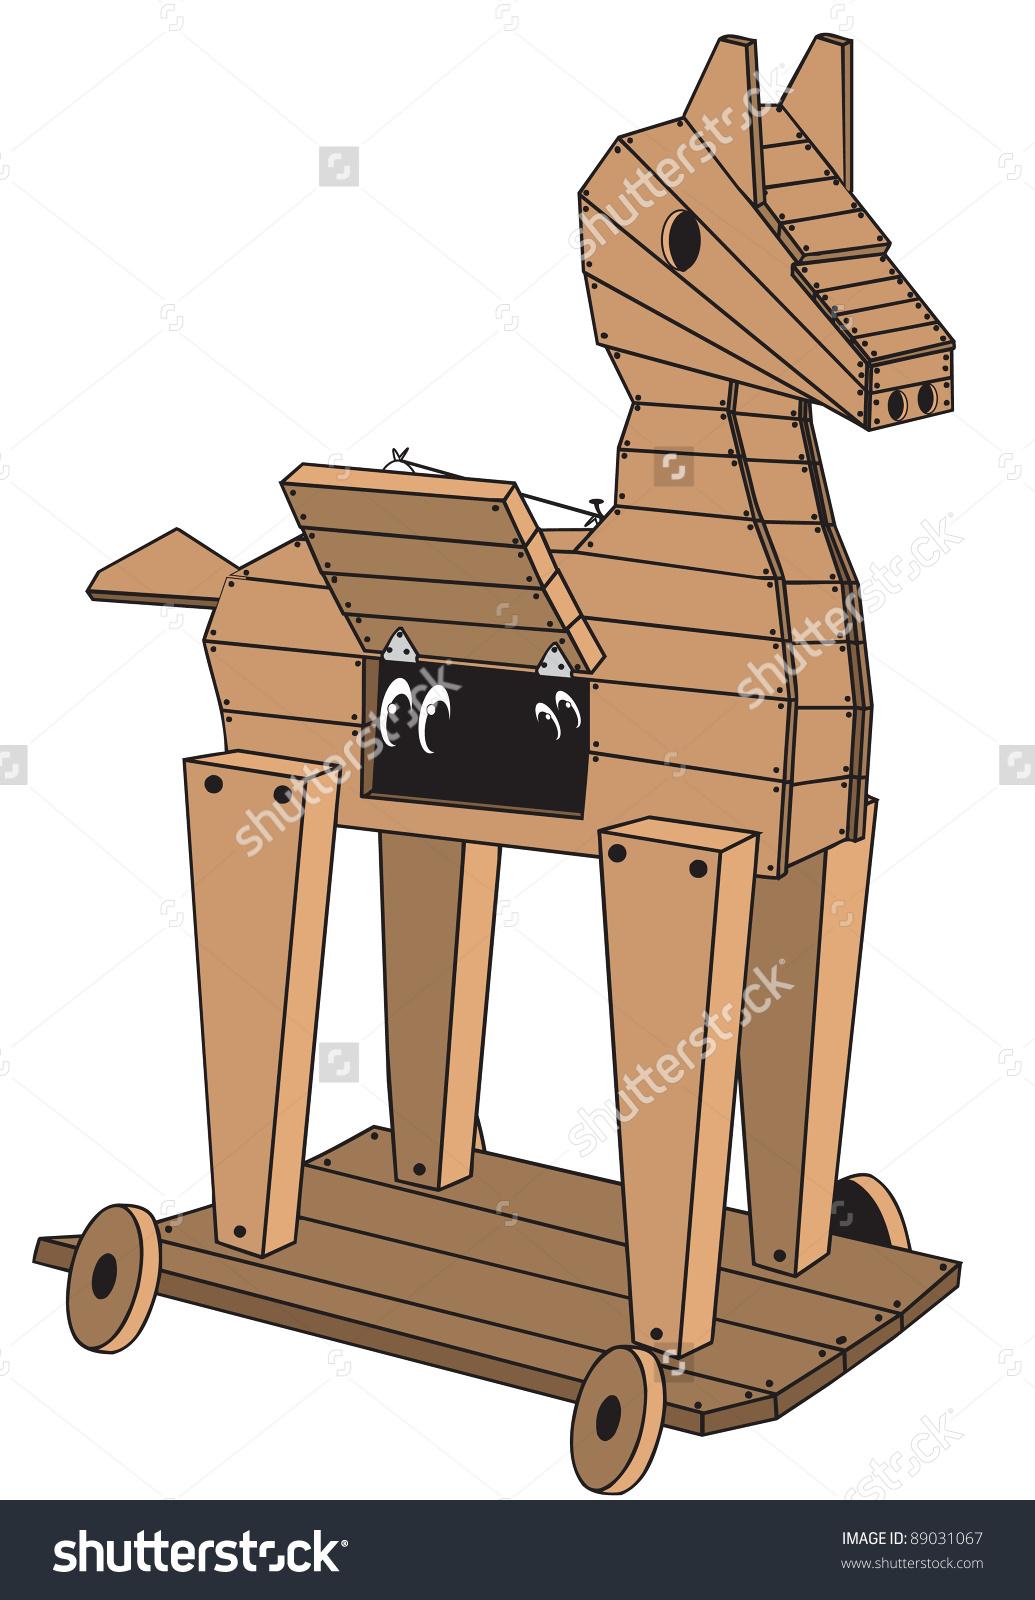 Cartoon Art Wooden Trojan Horse On Stock Vector 89031067.